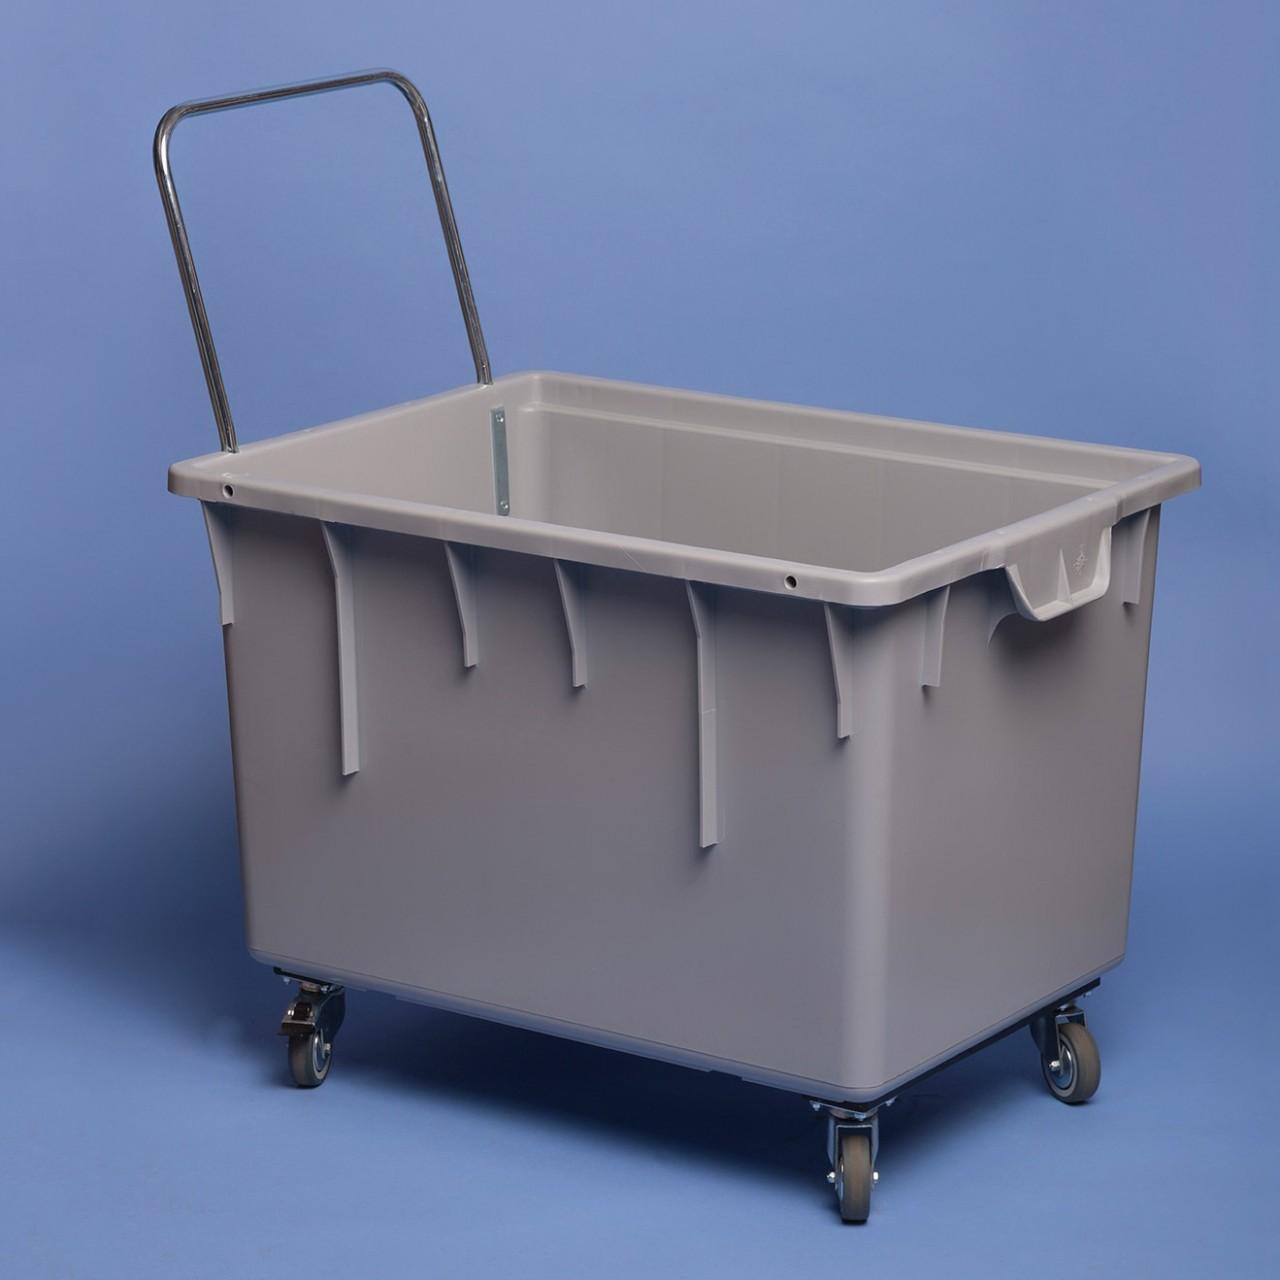 Behälter mit Rollen & Bügel|800 x 600 x 610 mm